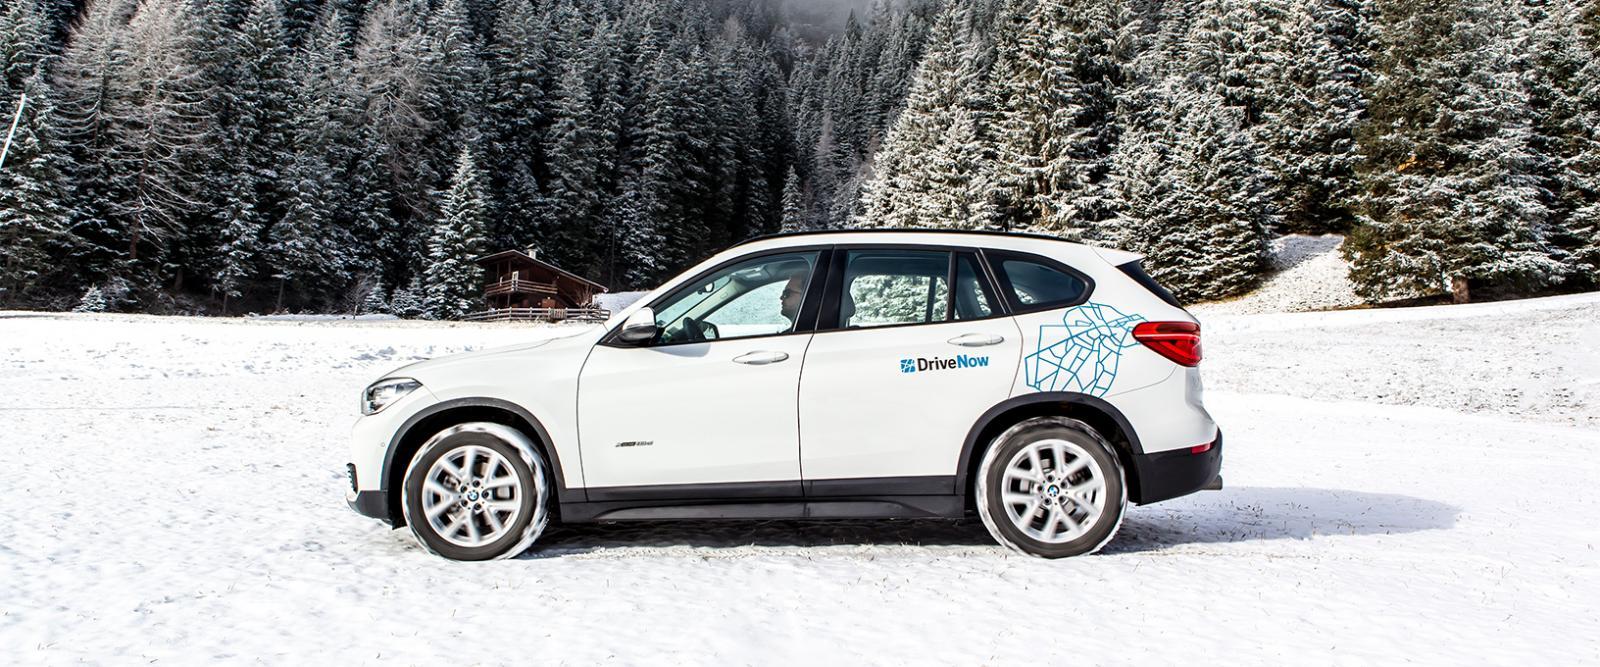 drivenow_carsharing_wien_bmw_x1_winter_auto_mieten